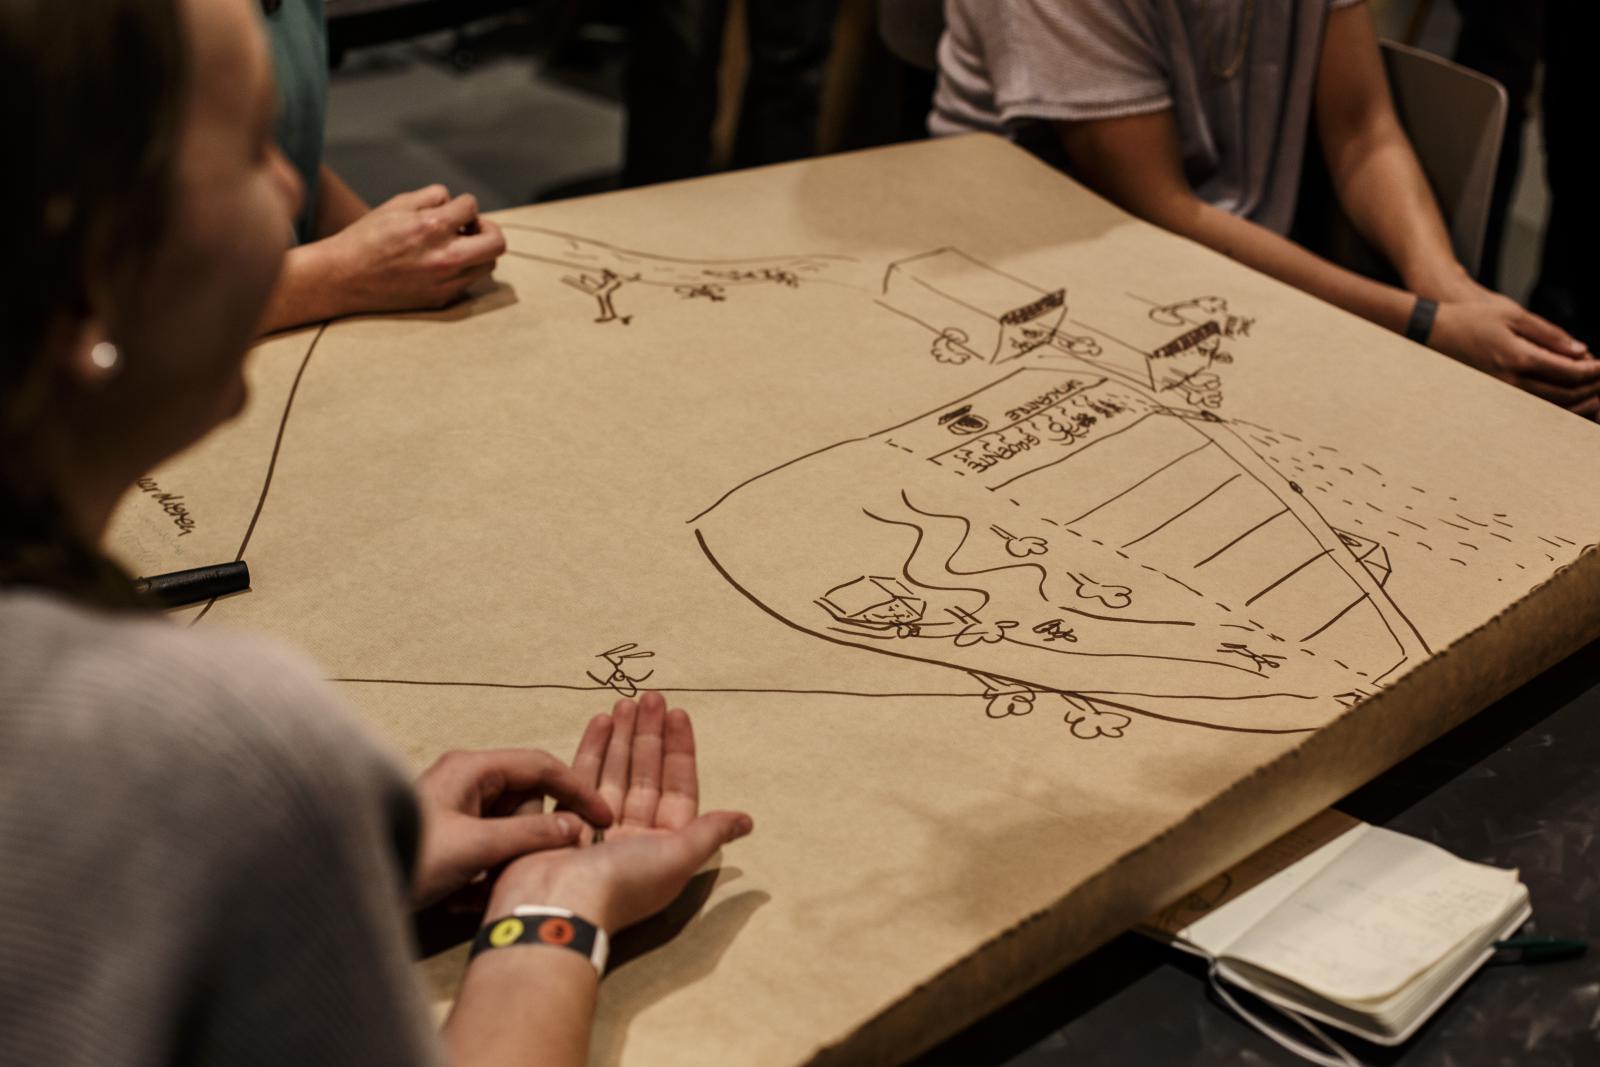 Brainstormtekening gemaakt tijdens training: Act on your carbon footprint georganiseerd door De Gezonde Stad